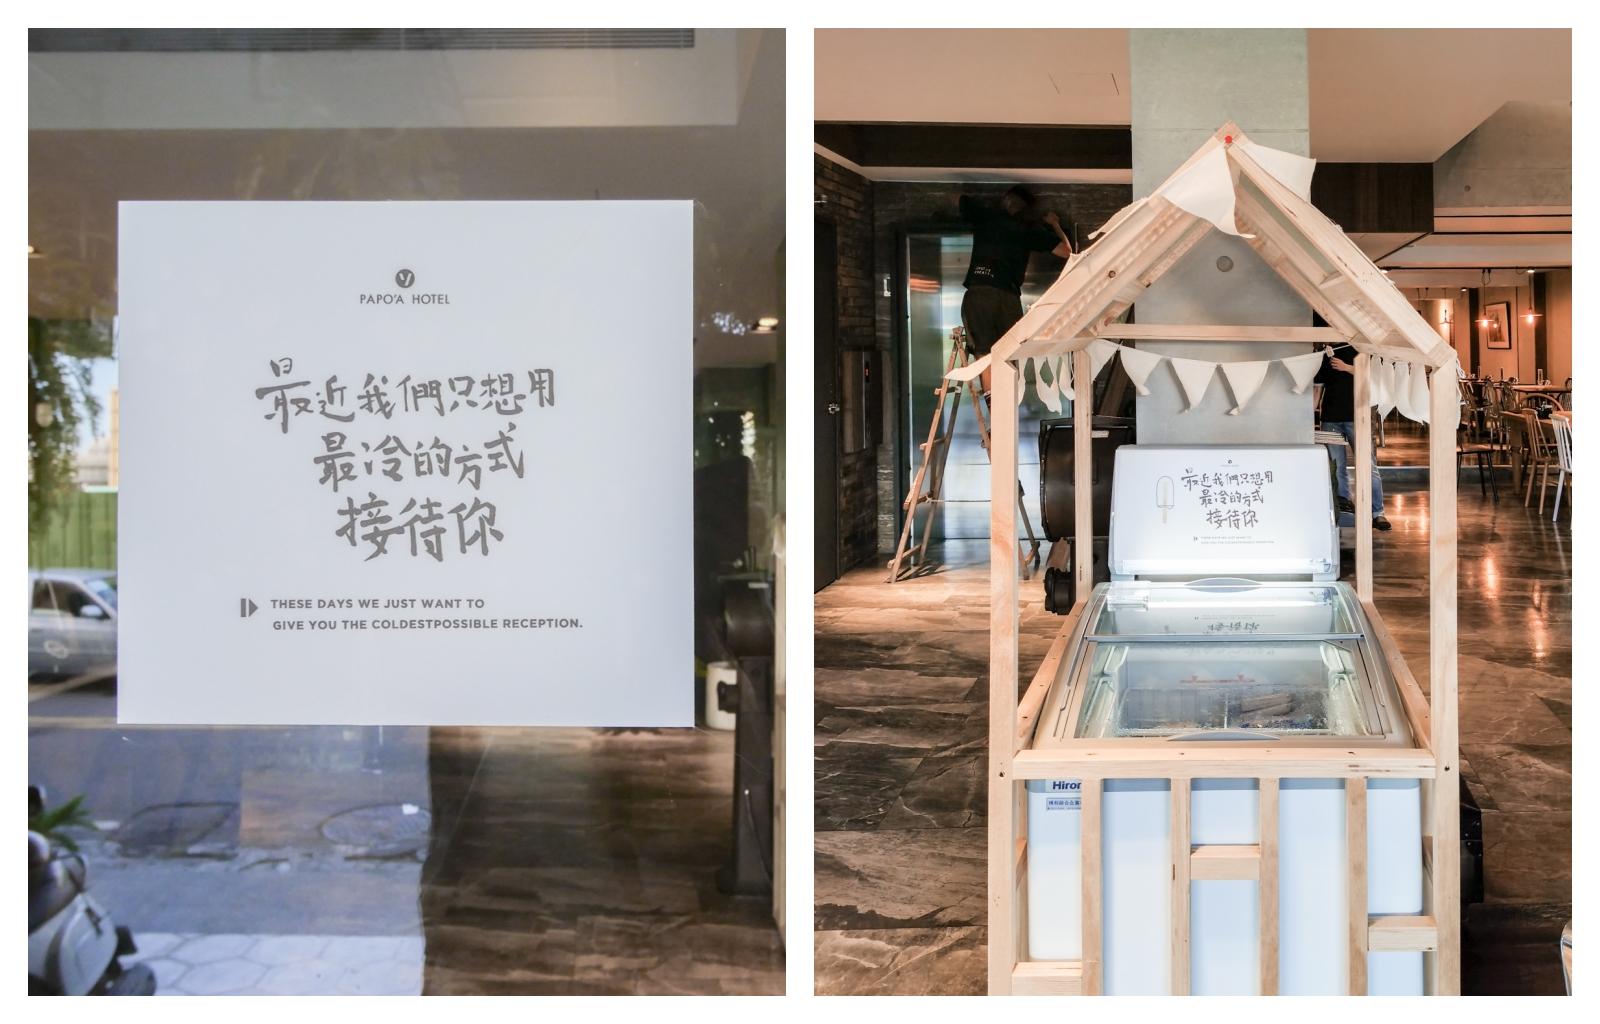 高雄飯店推薦 PAPO'A HOTEL 帕鉑舍旅 高雄火車站旁平價設計旅店